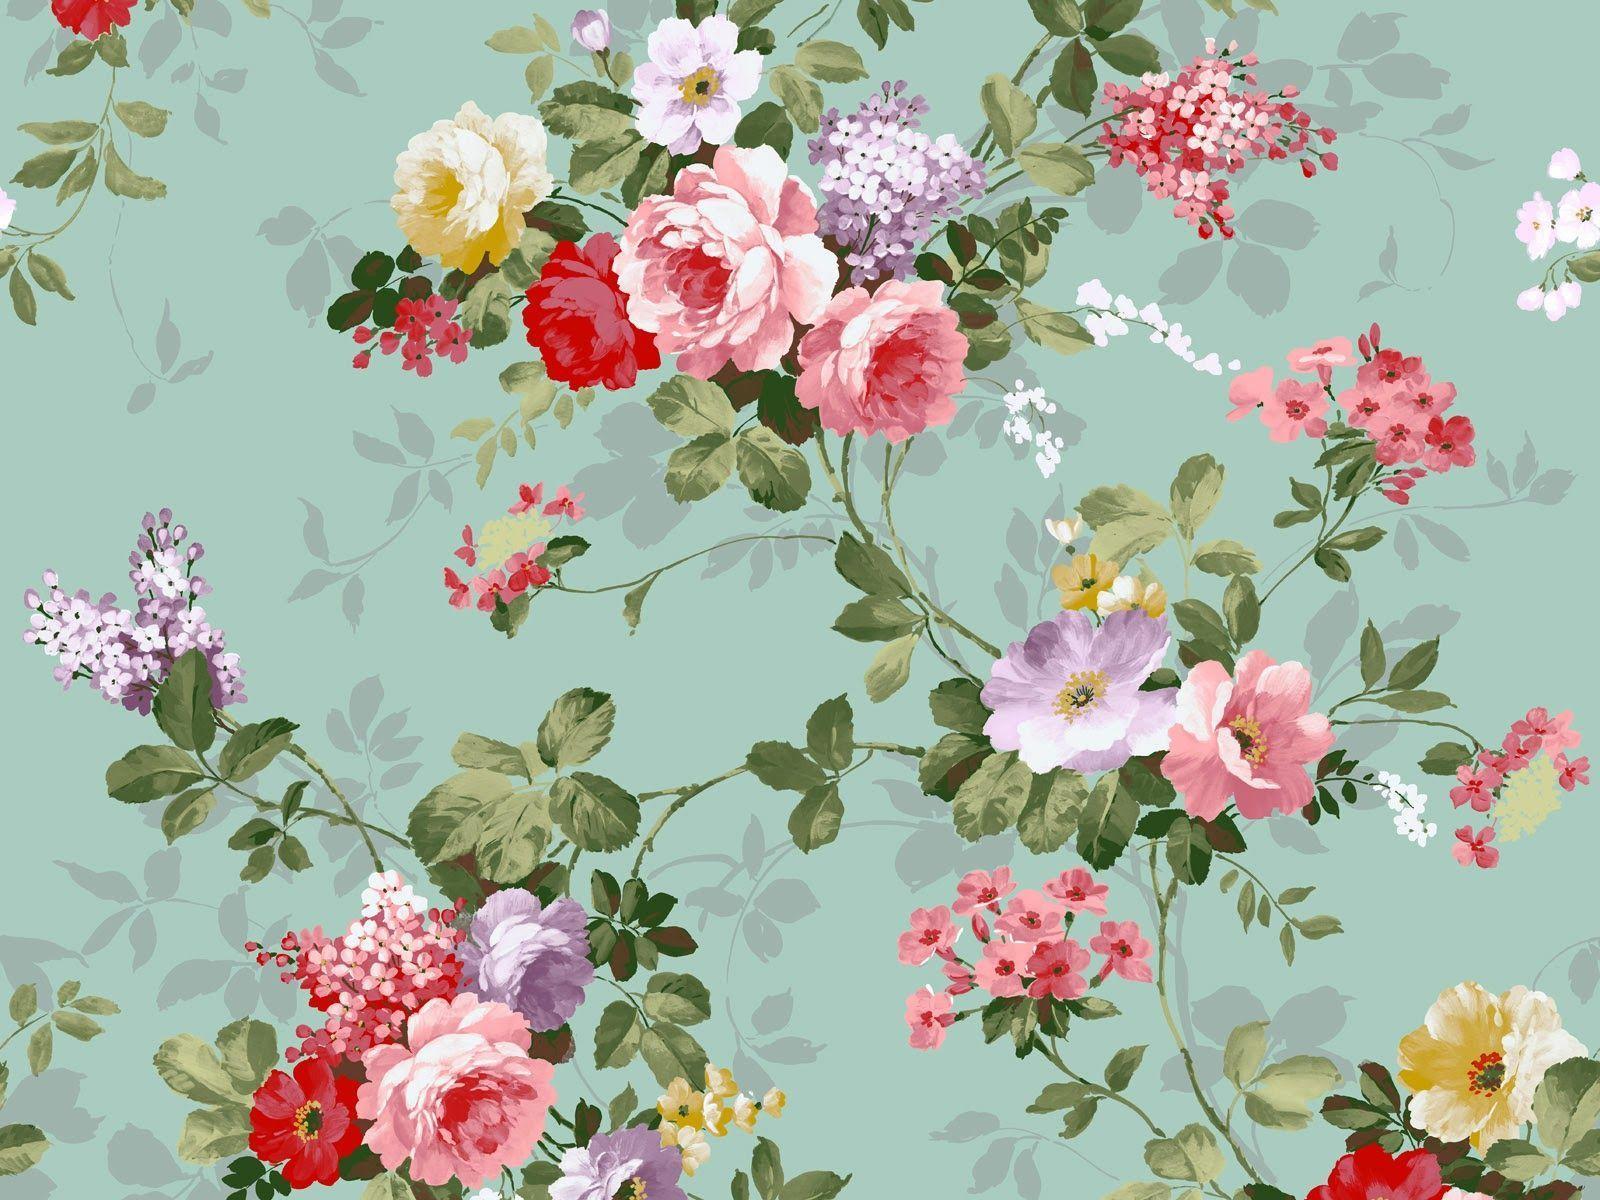 Vintage Flower Desktop Wallpapers Top Free Vintage Flower Desktop Backgrounds Wallpaperaccess